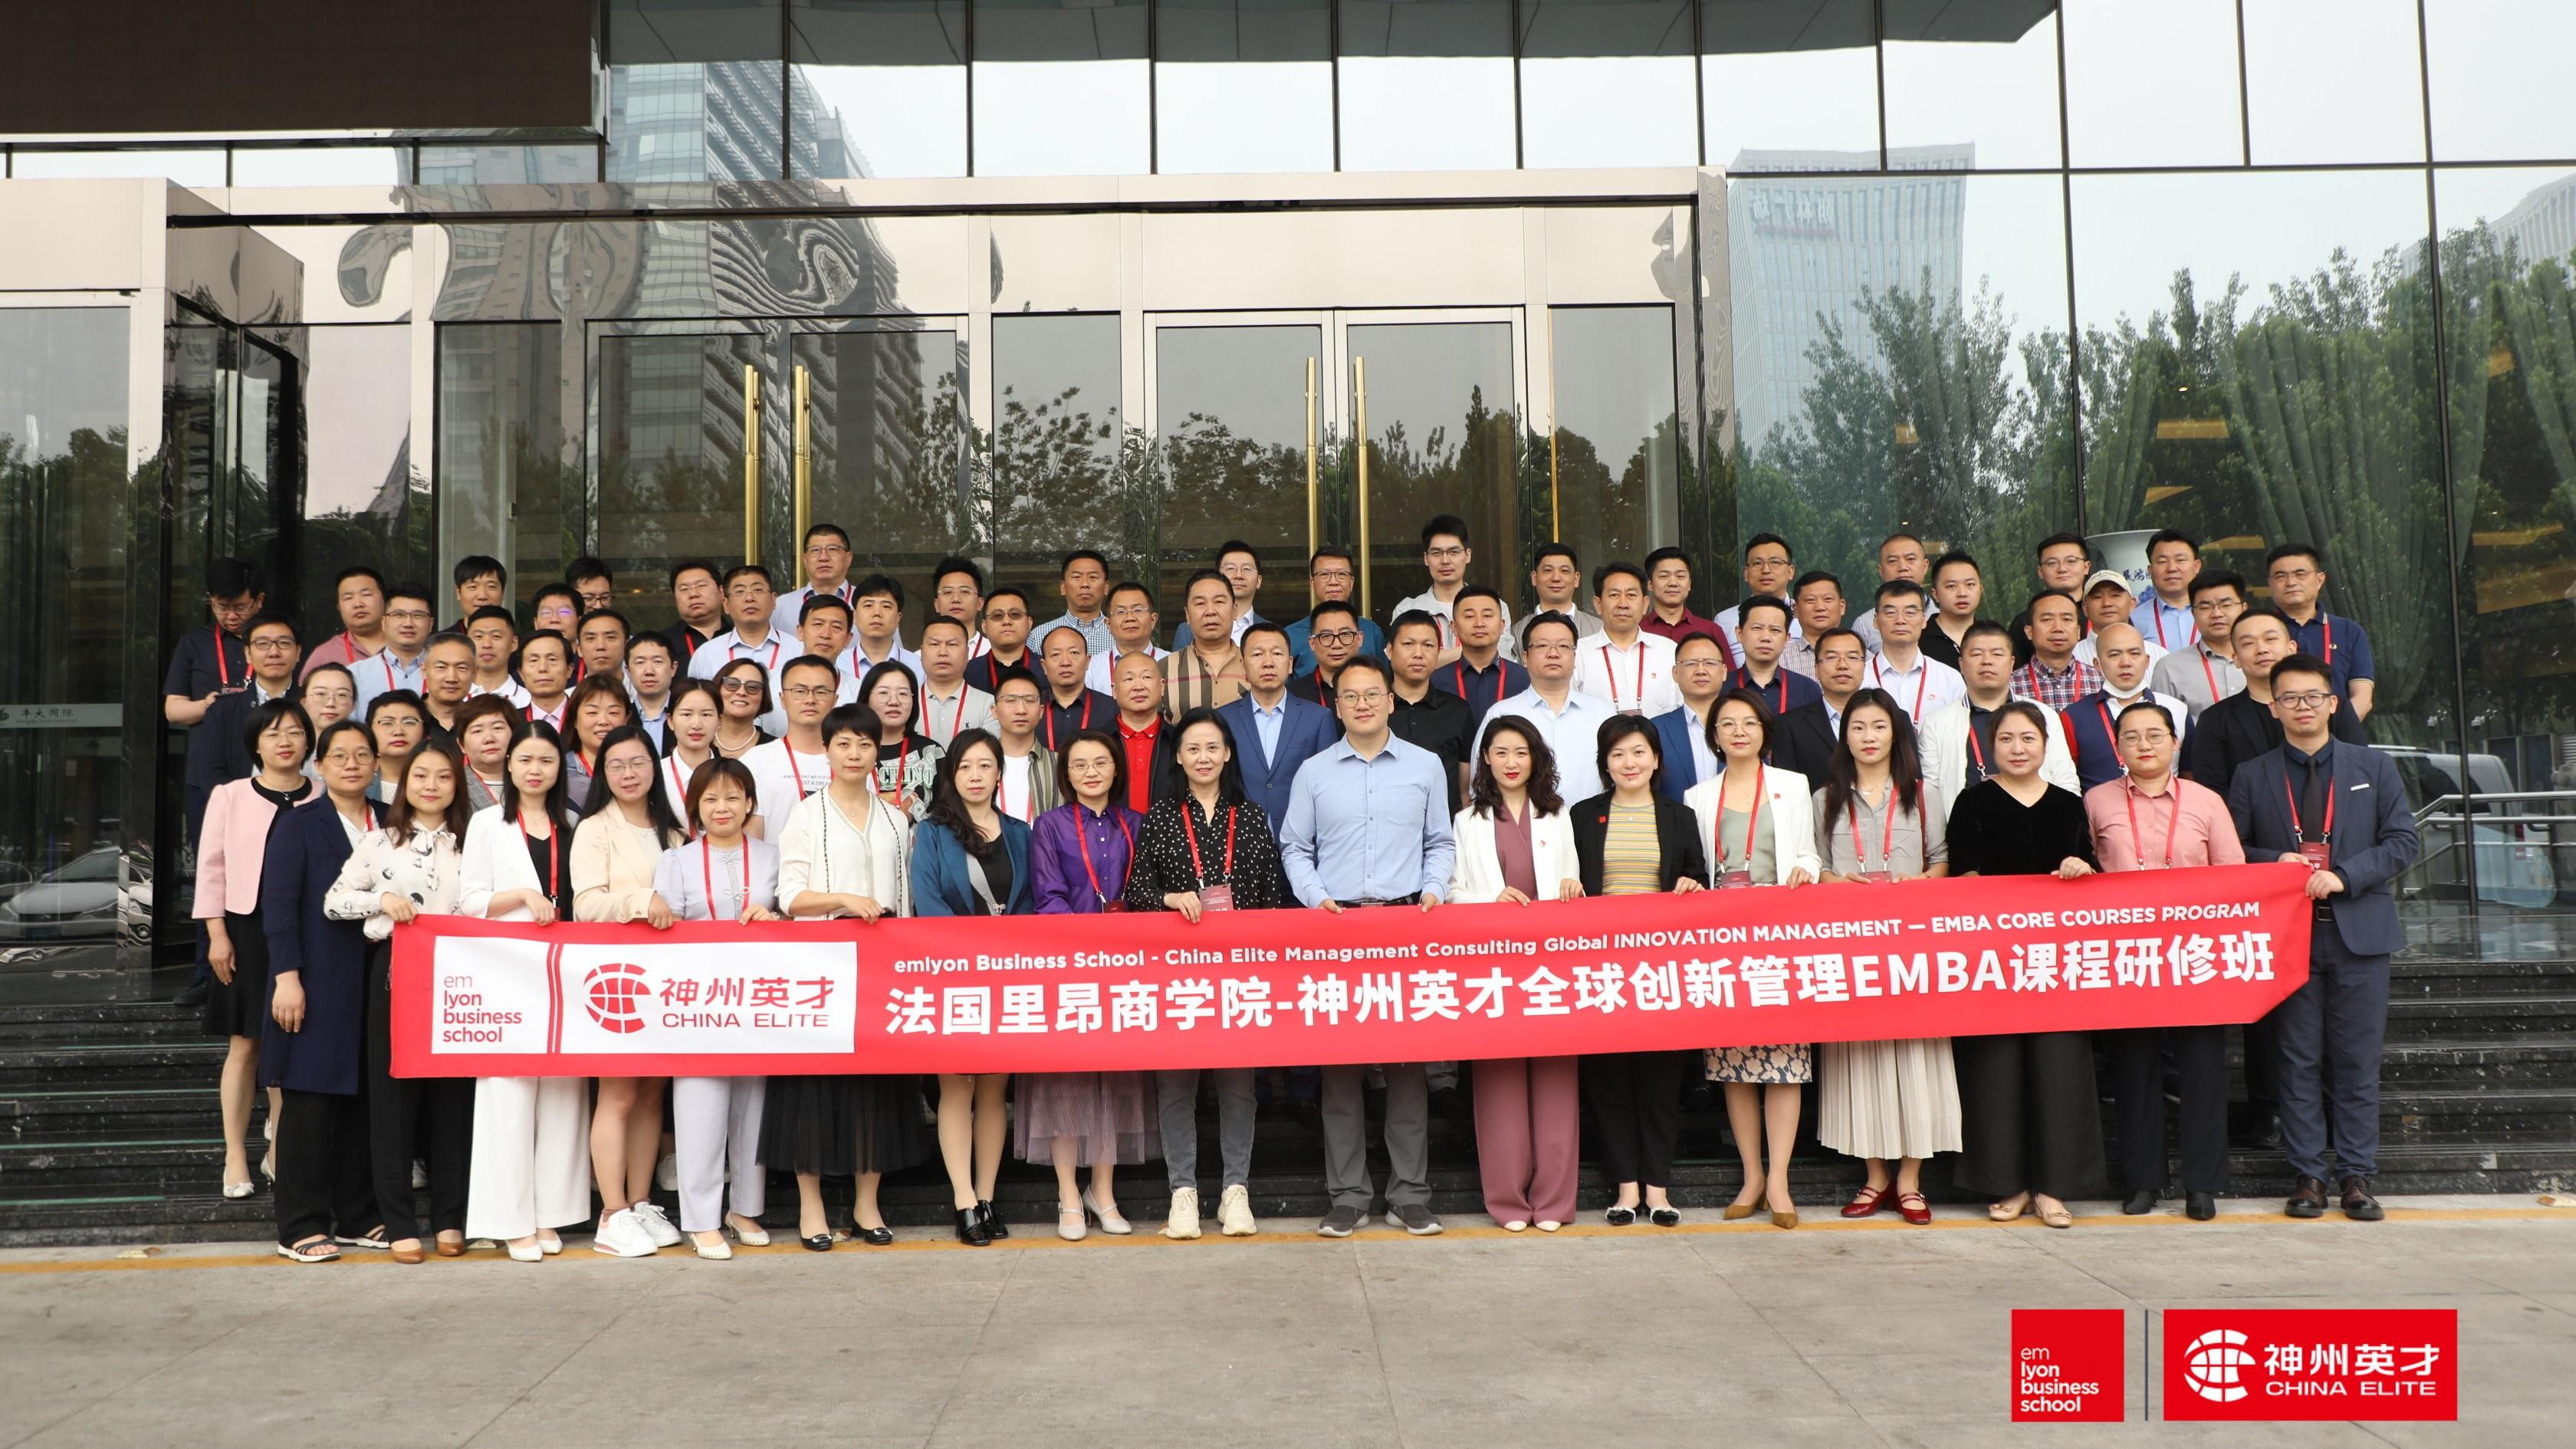 览风云变幻 瞻资本风向―访学中国知名股权母基金机构,共论资本战略定位